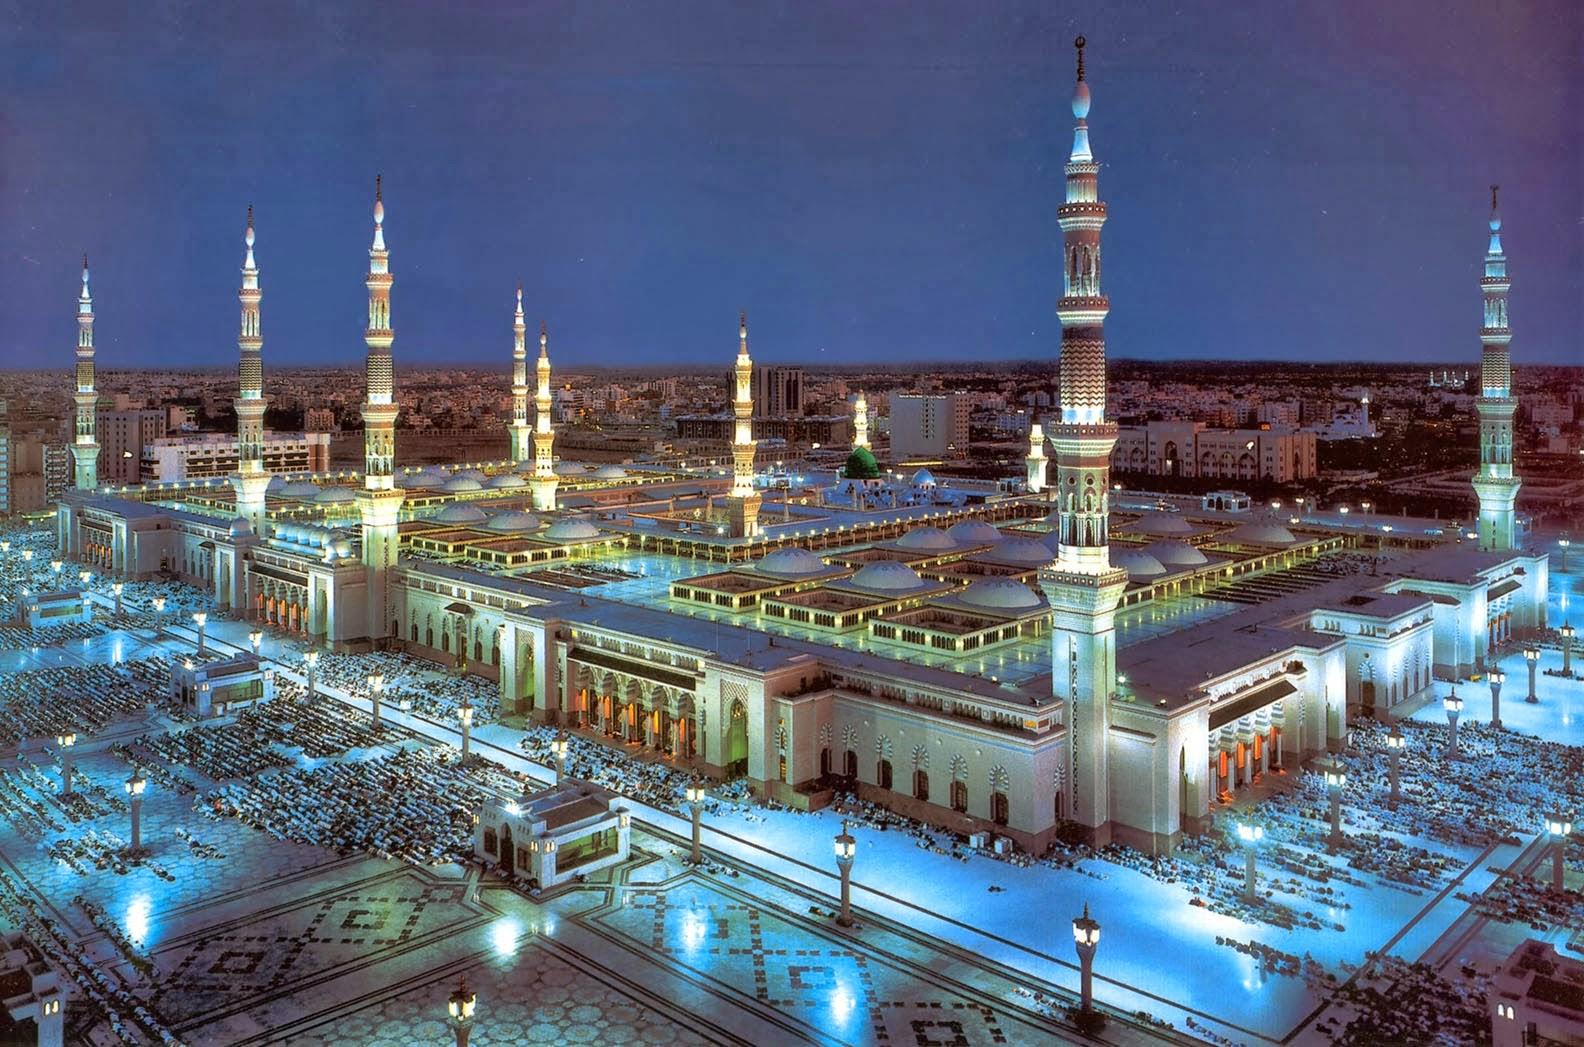 Meisterwerke der islamischen architektur 50 moscheen bildende kunst meisterwerke der - Architektonische meisterwerke ...